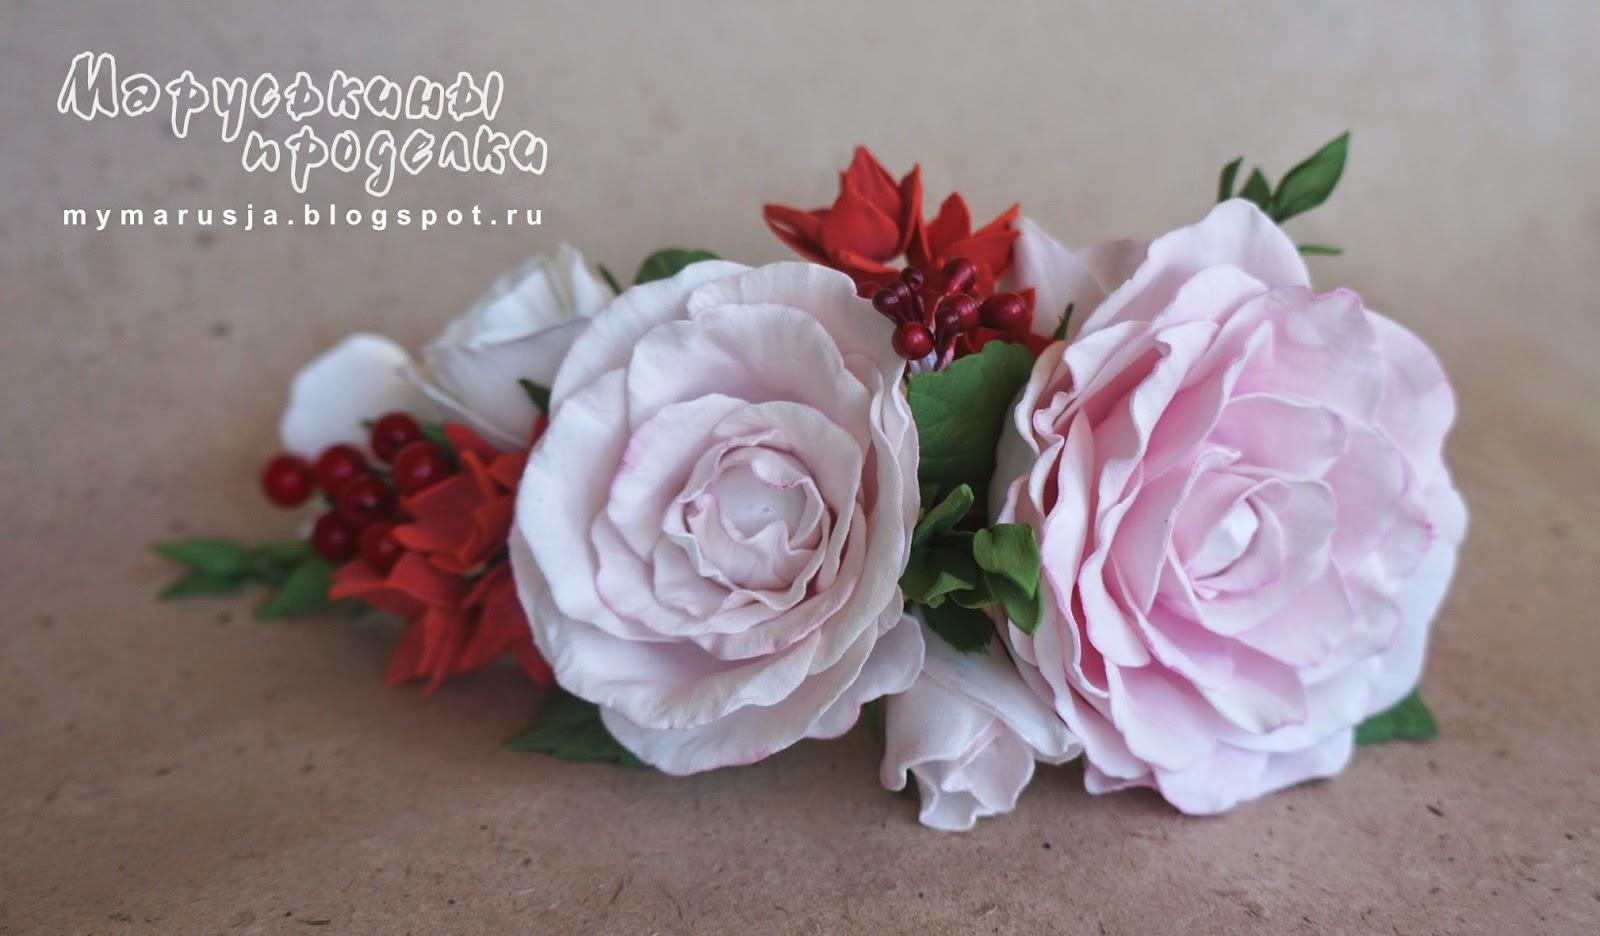 композиция с розой из фоамирана